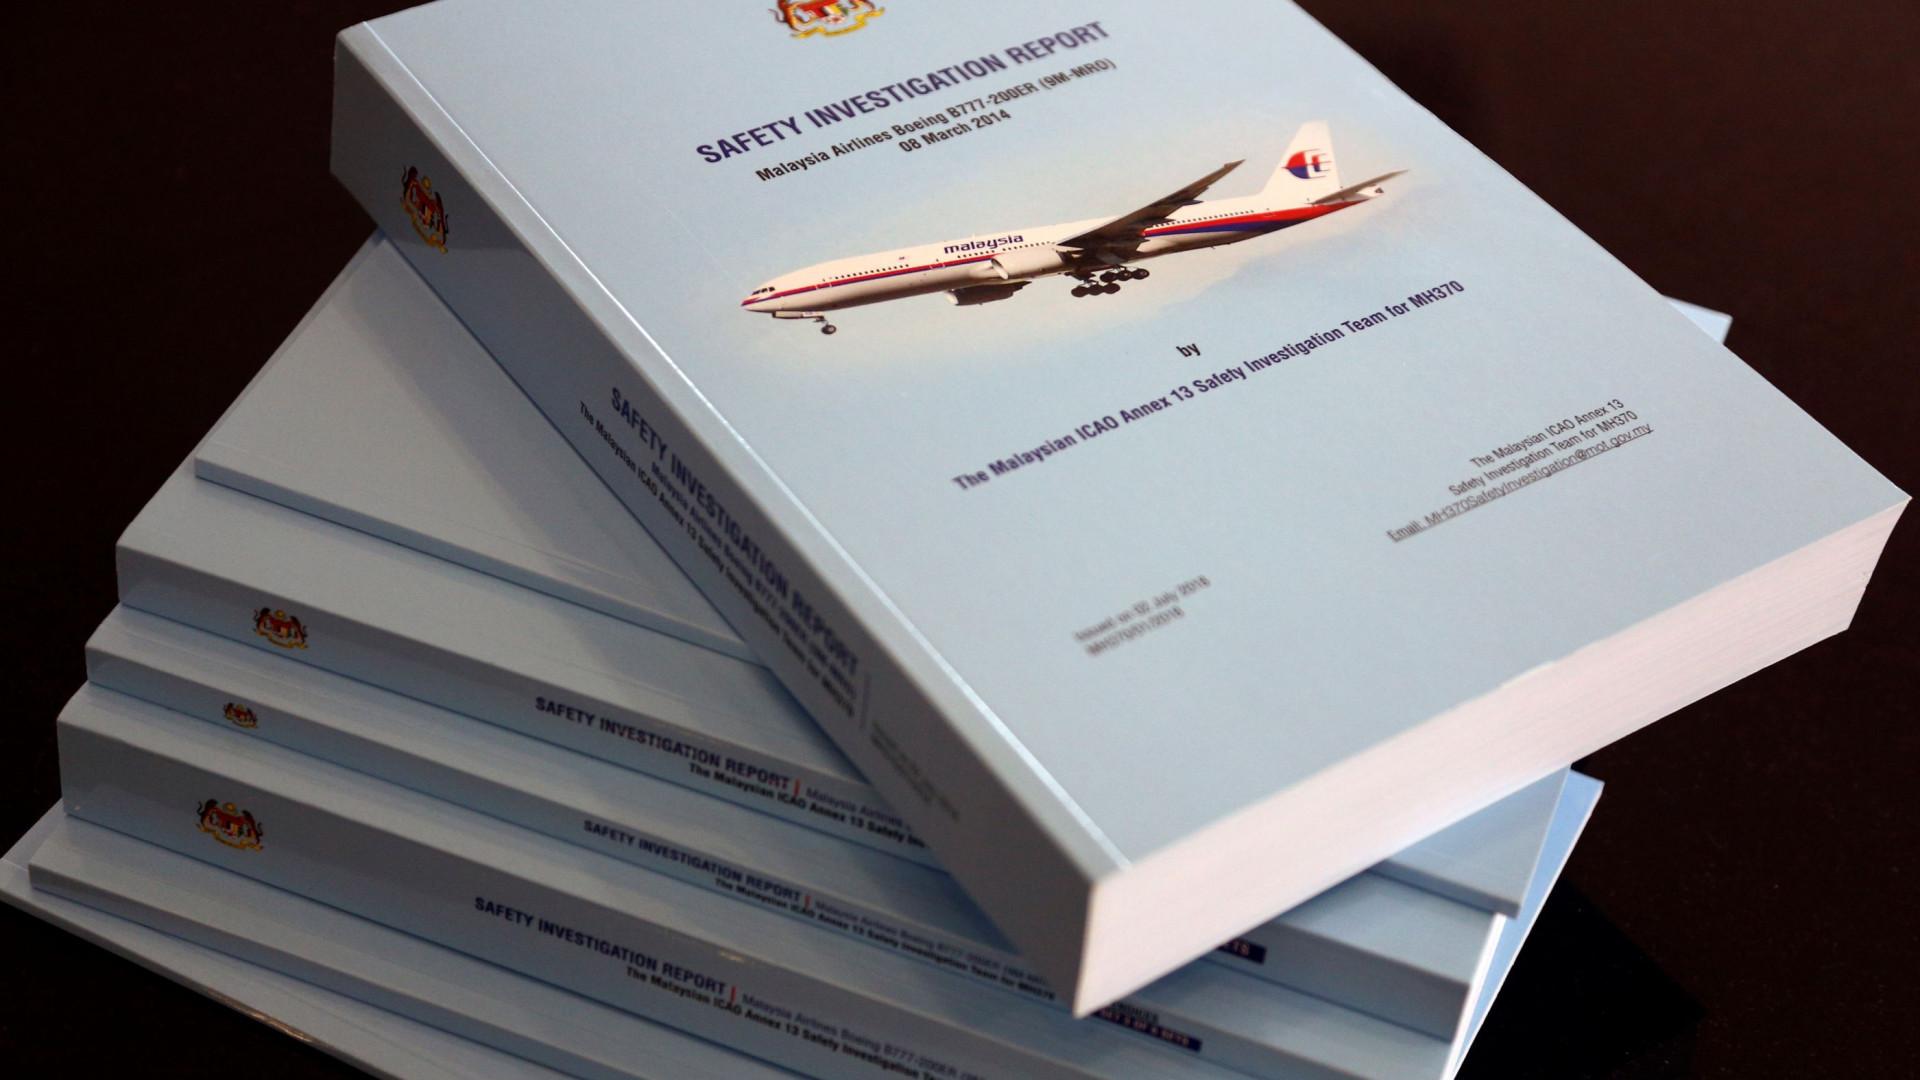 Familiares dos desaparecidos do MH370 revoltados com relatório de buscas